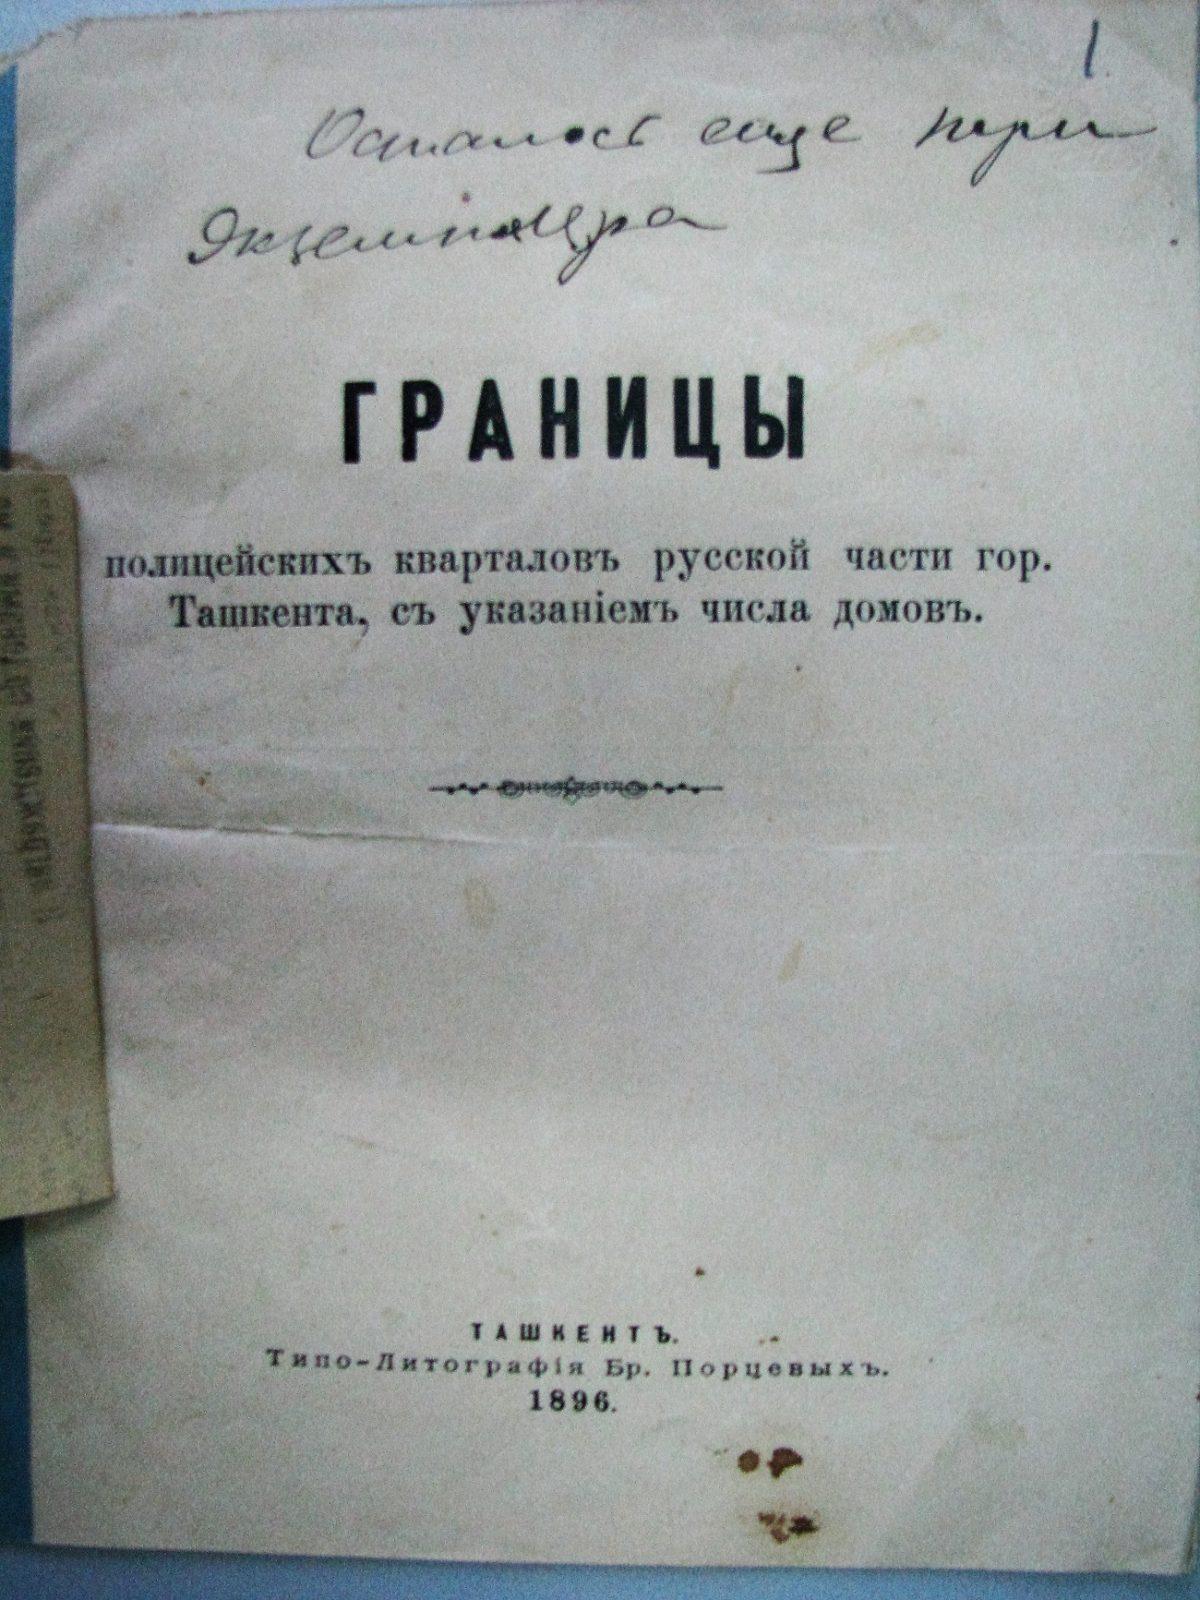 Ташкент_shosh (1)